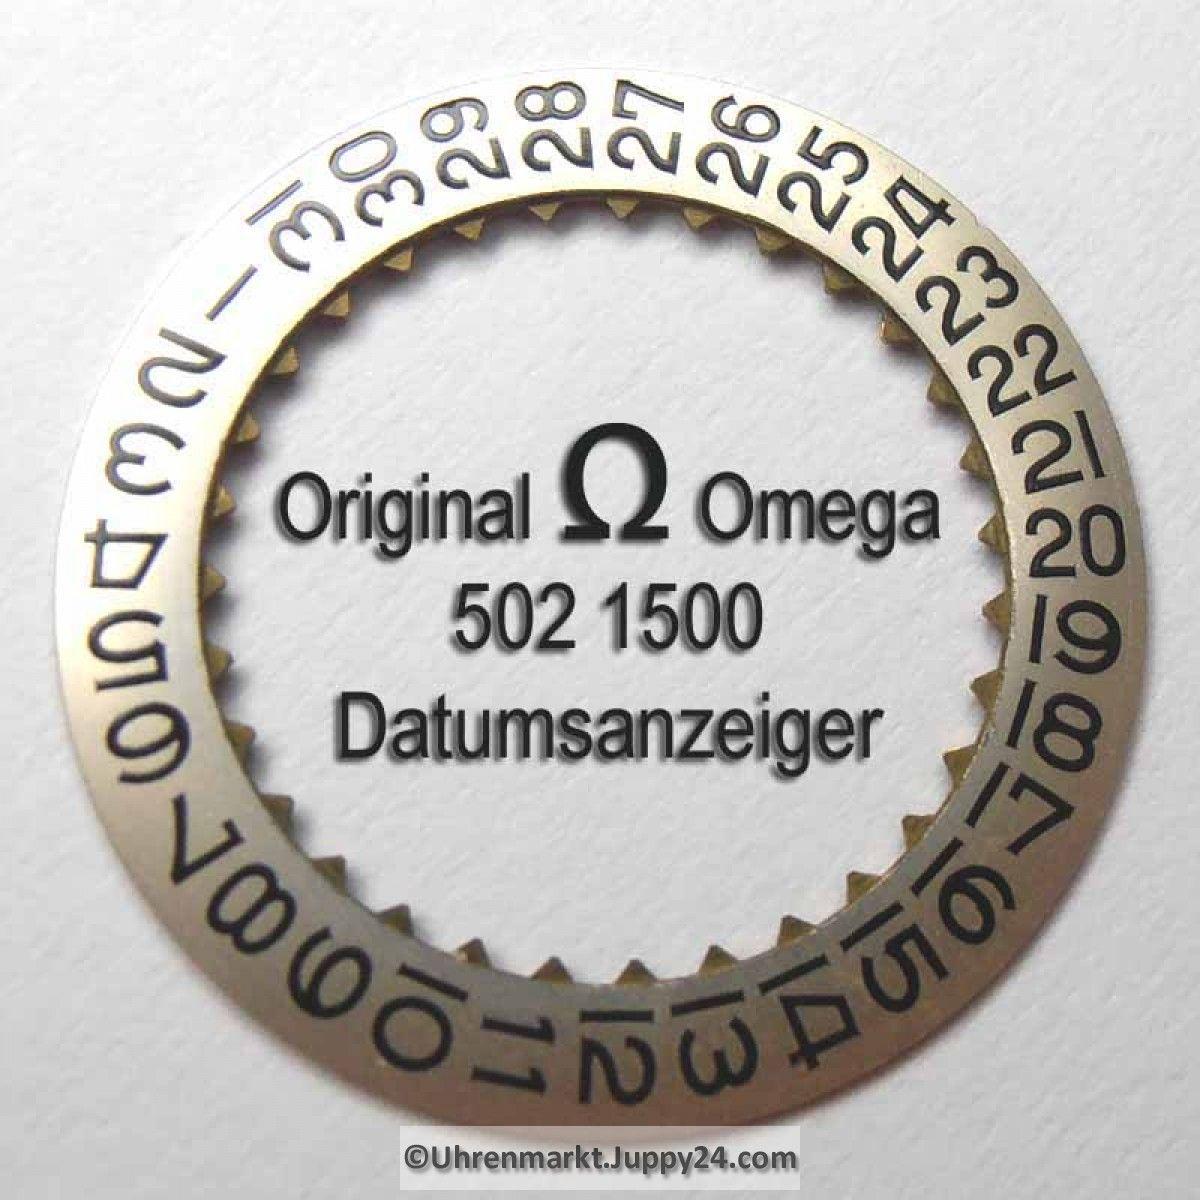 Omega Datumanzeiger (Datumsscheibe - Datumsring) Part Nr. Omega